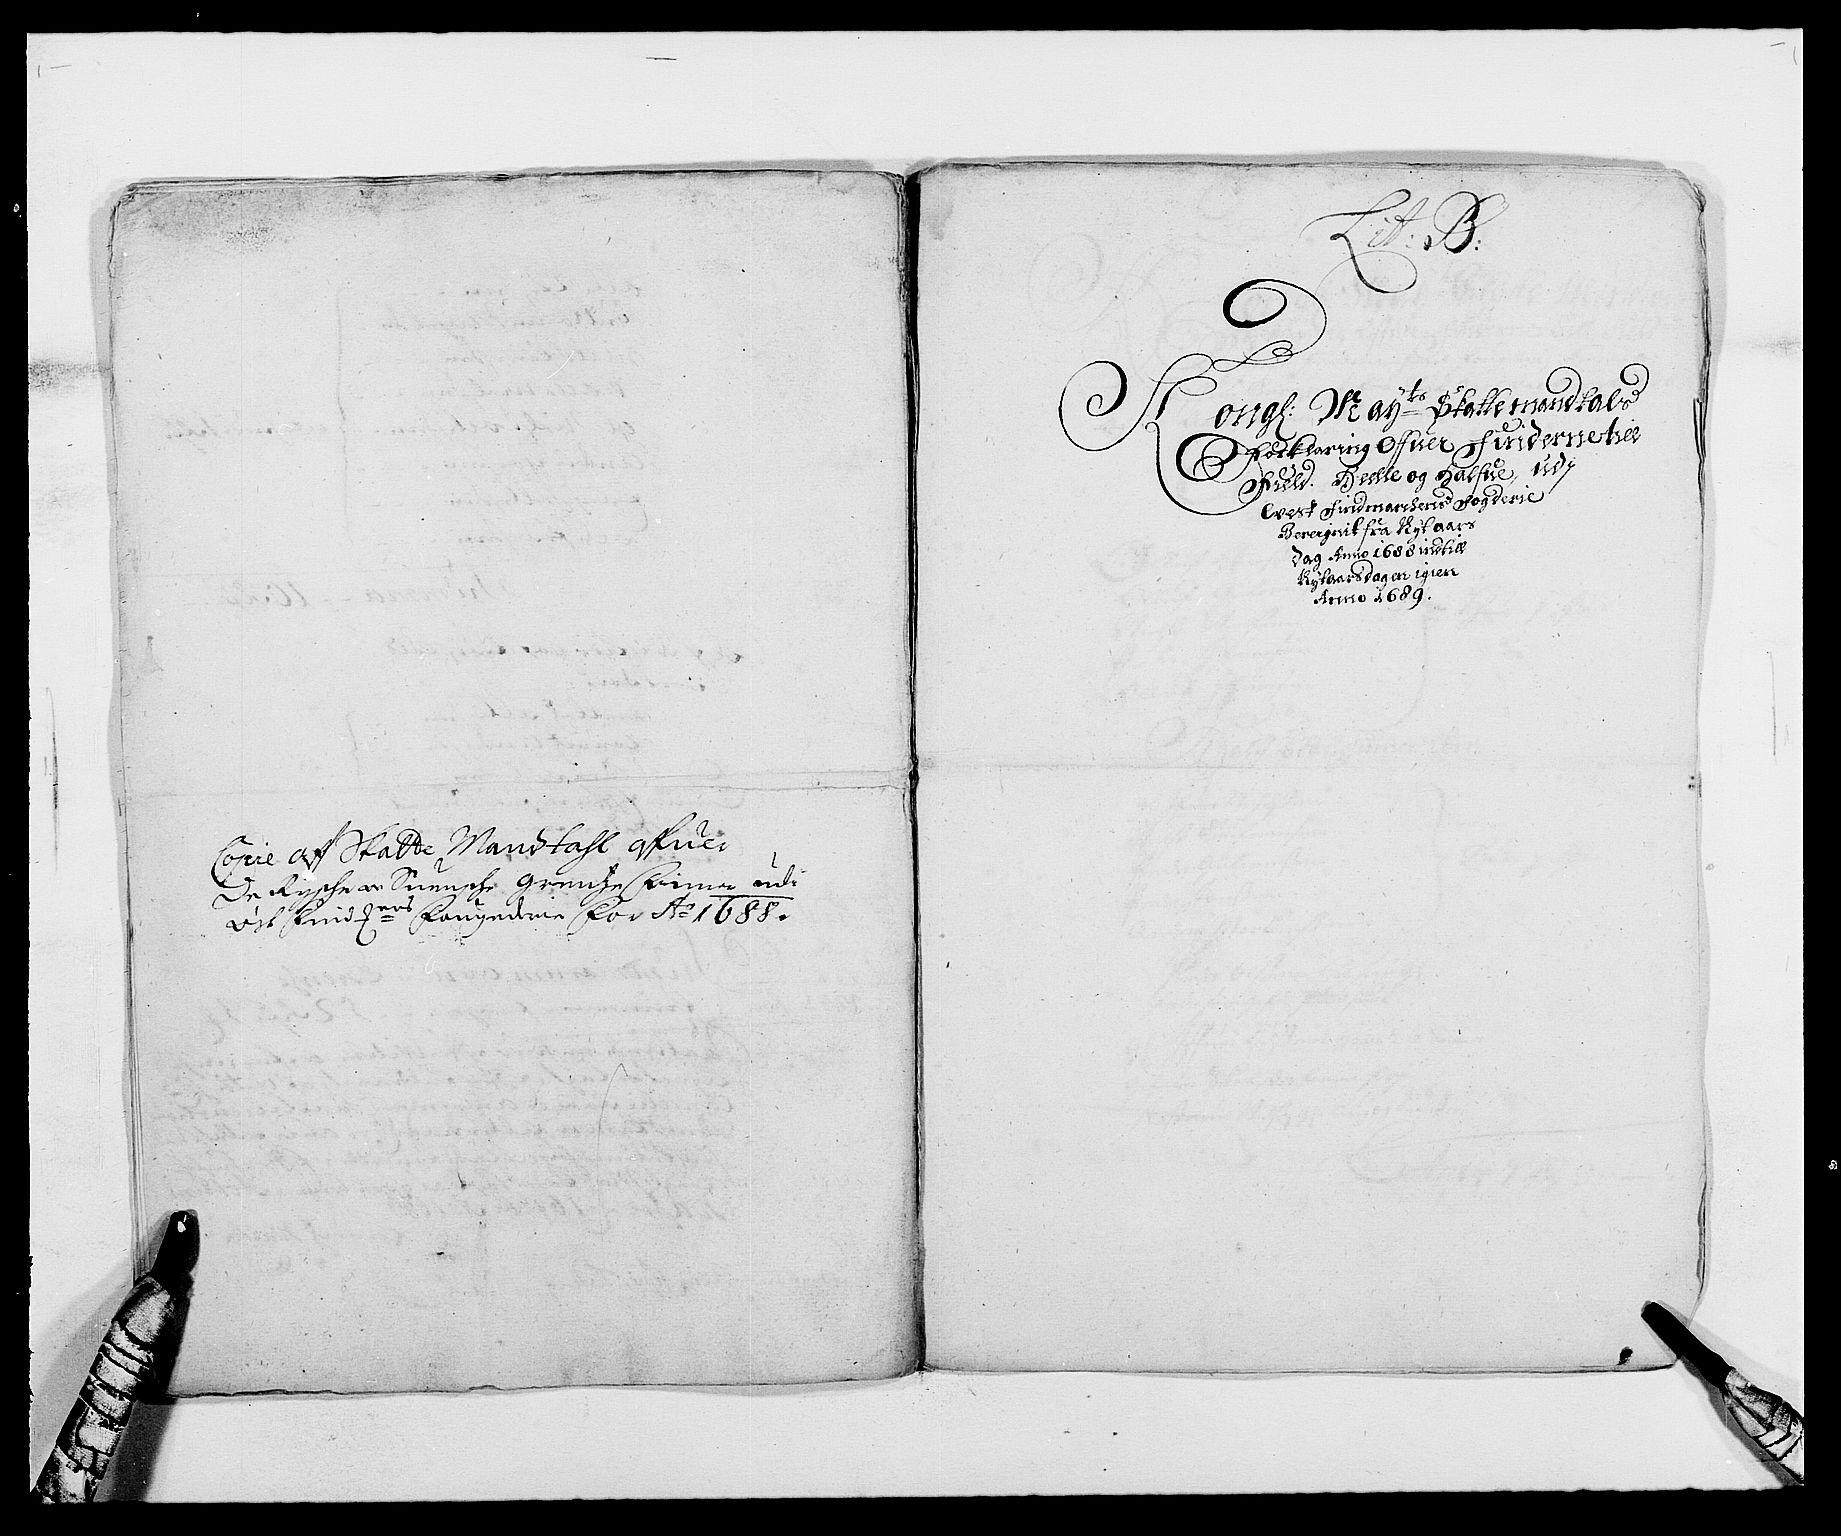 RA, Rentekammeret inntil 1814, Reviderte regnskaper, Fogderegnskap, R69/L4850: Fogderegnskap Finnmark/Vardøhus, 1680-1690, s. 81